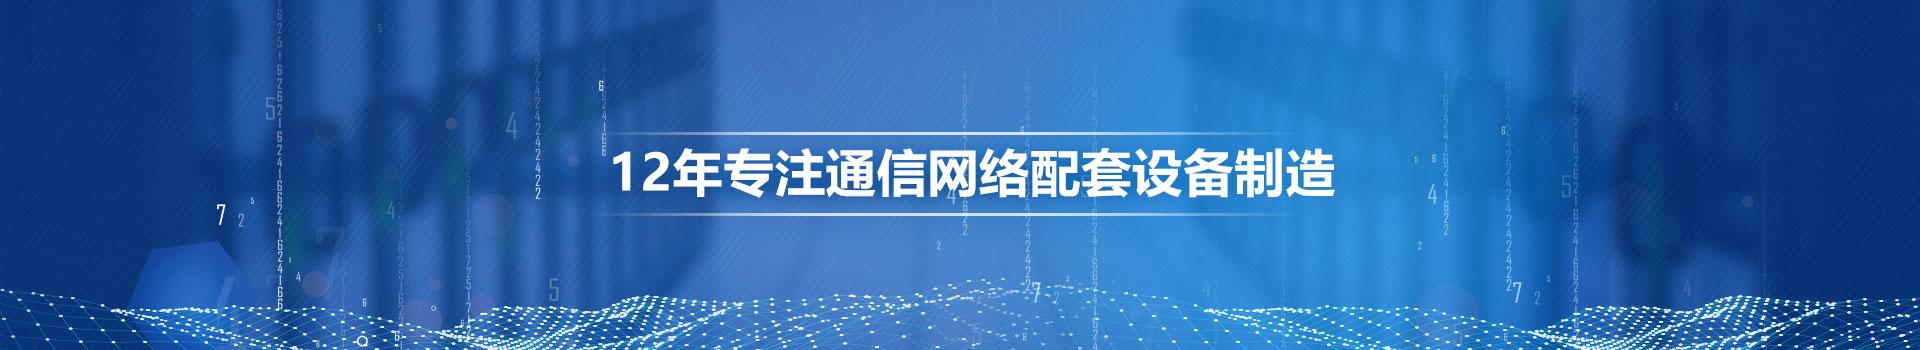 云茂通信设备专注通信网络配套设备制造